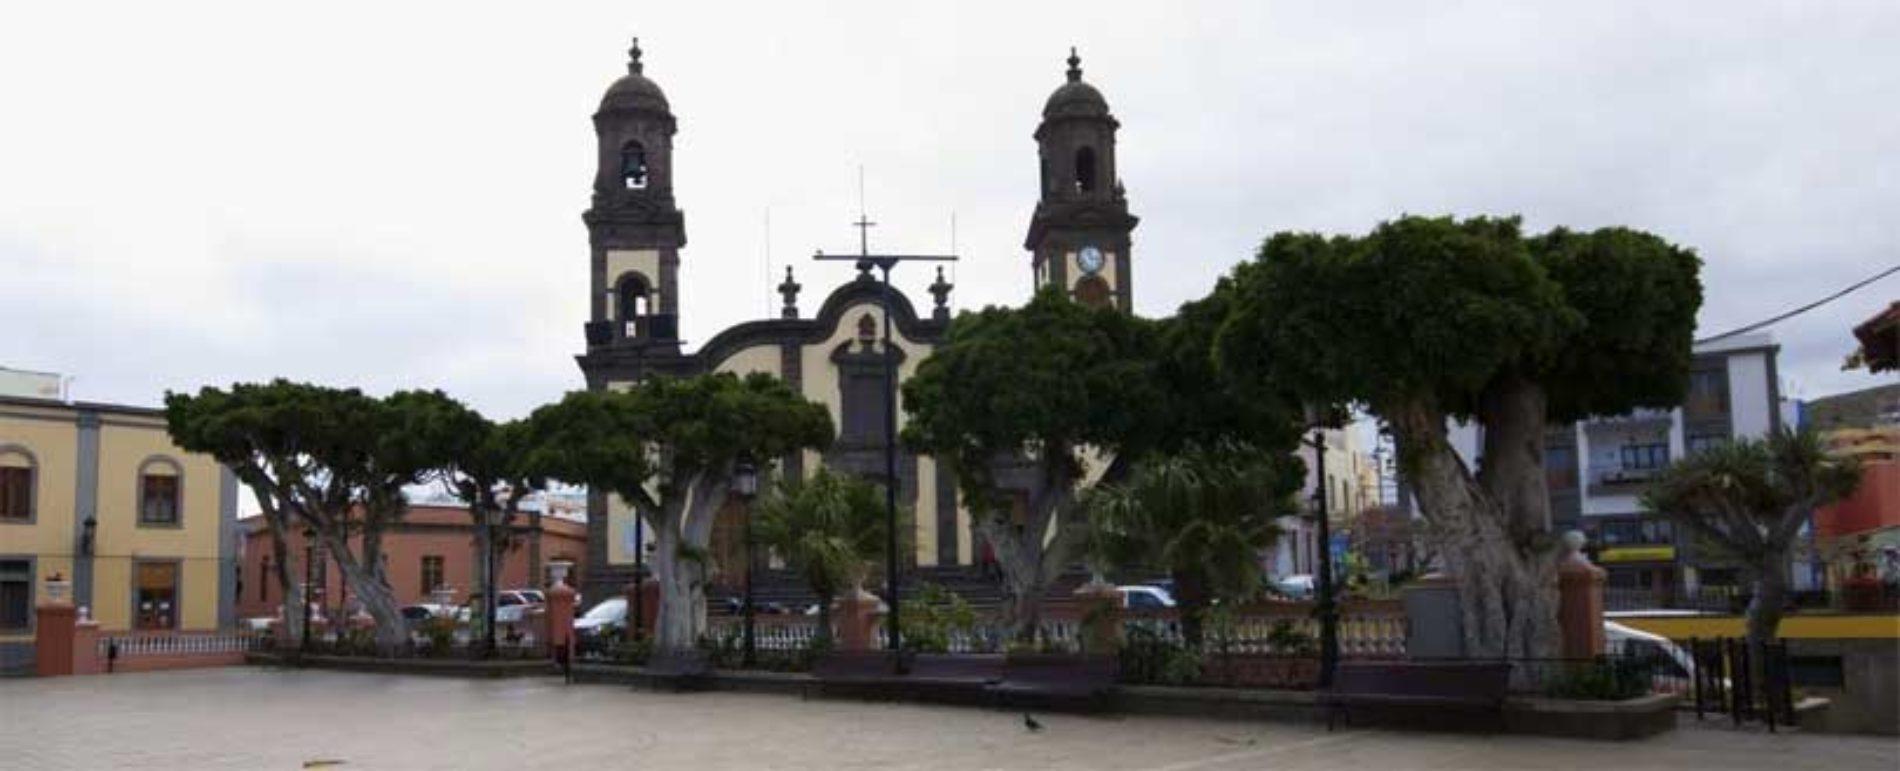 Santa Maria de Guía